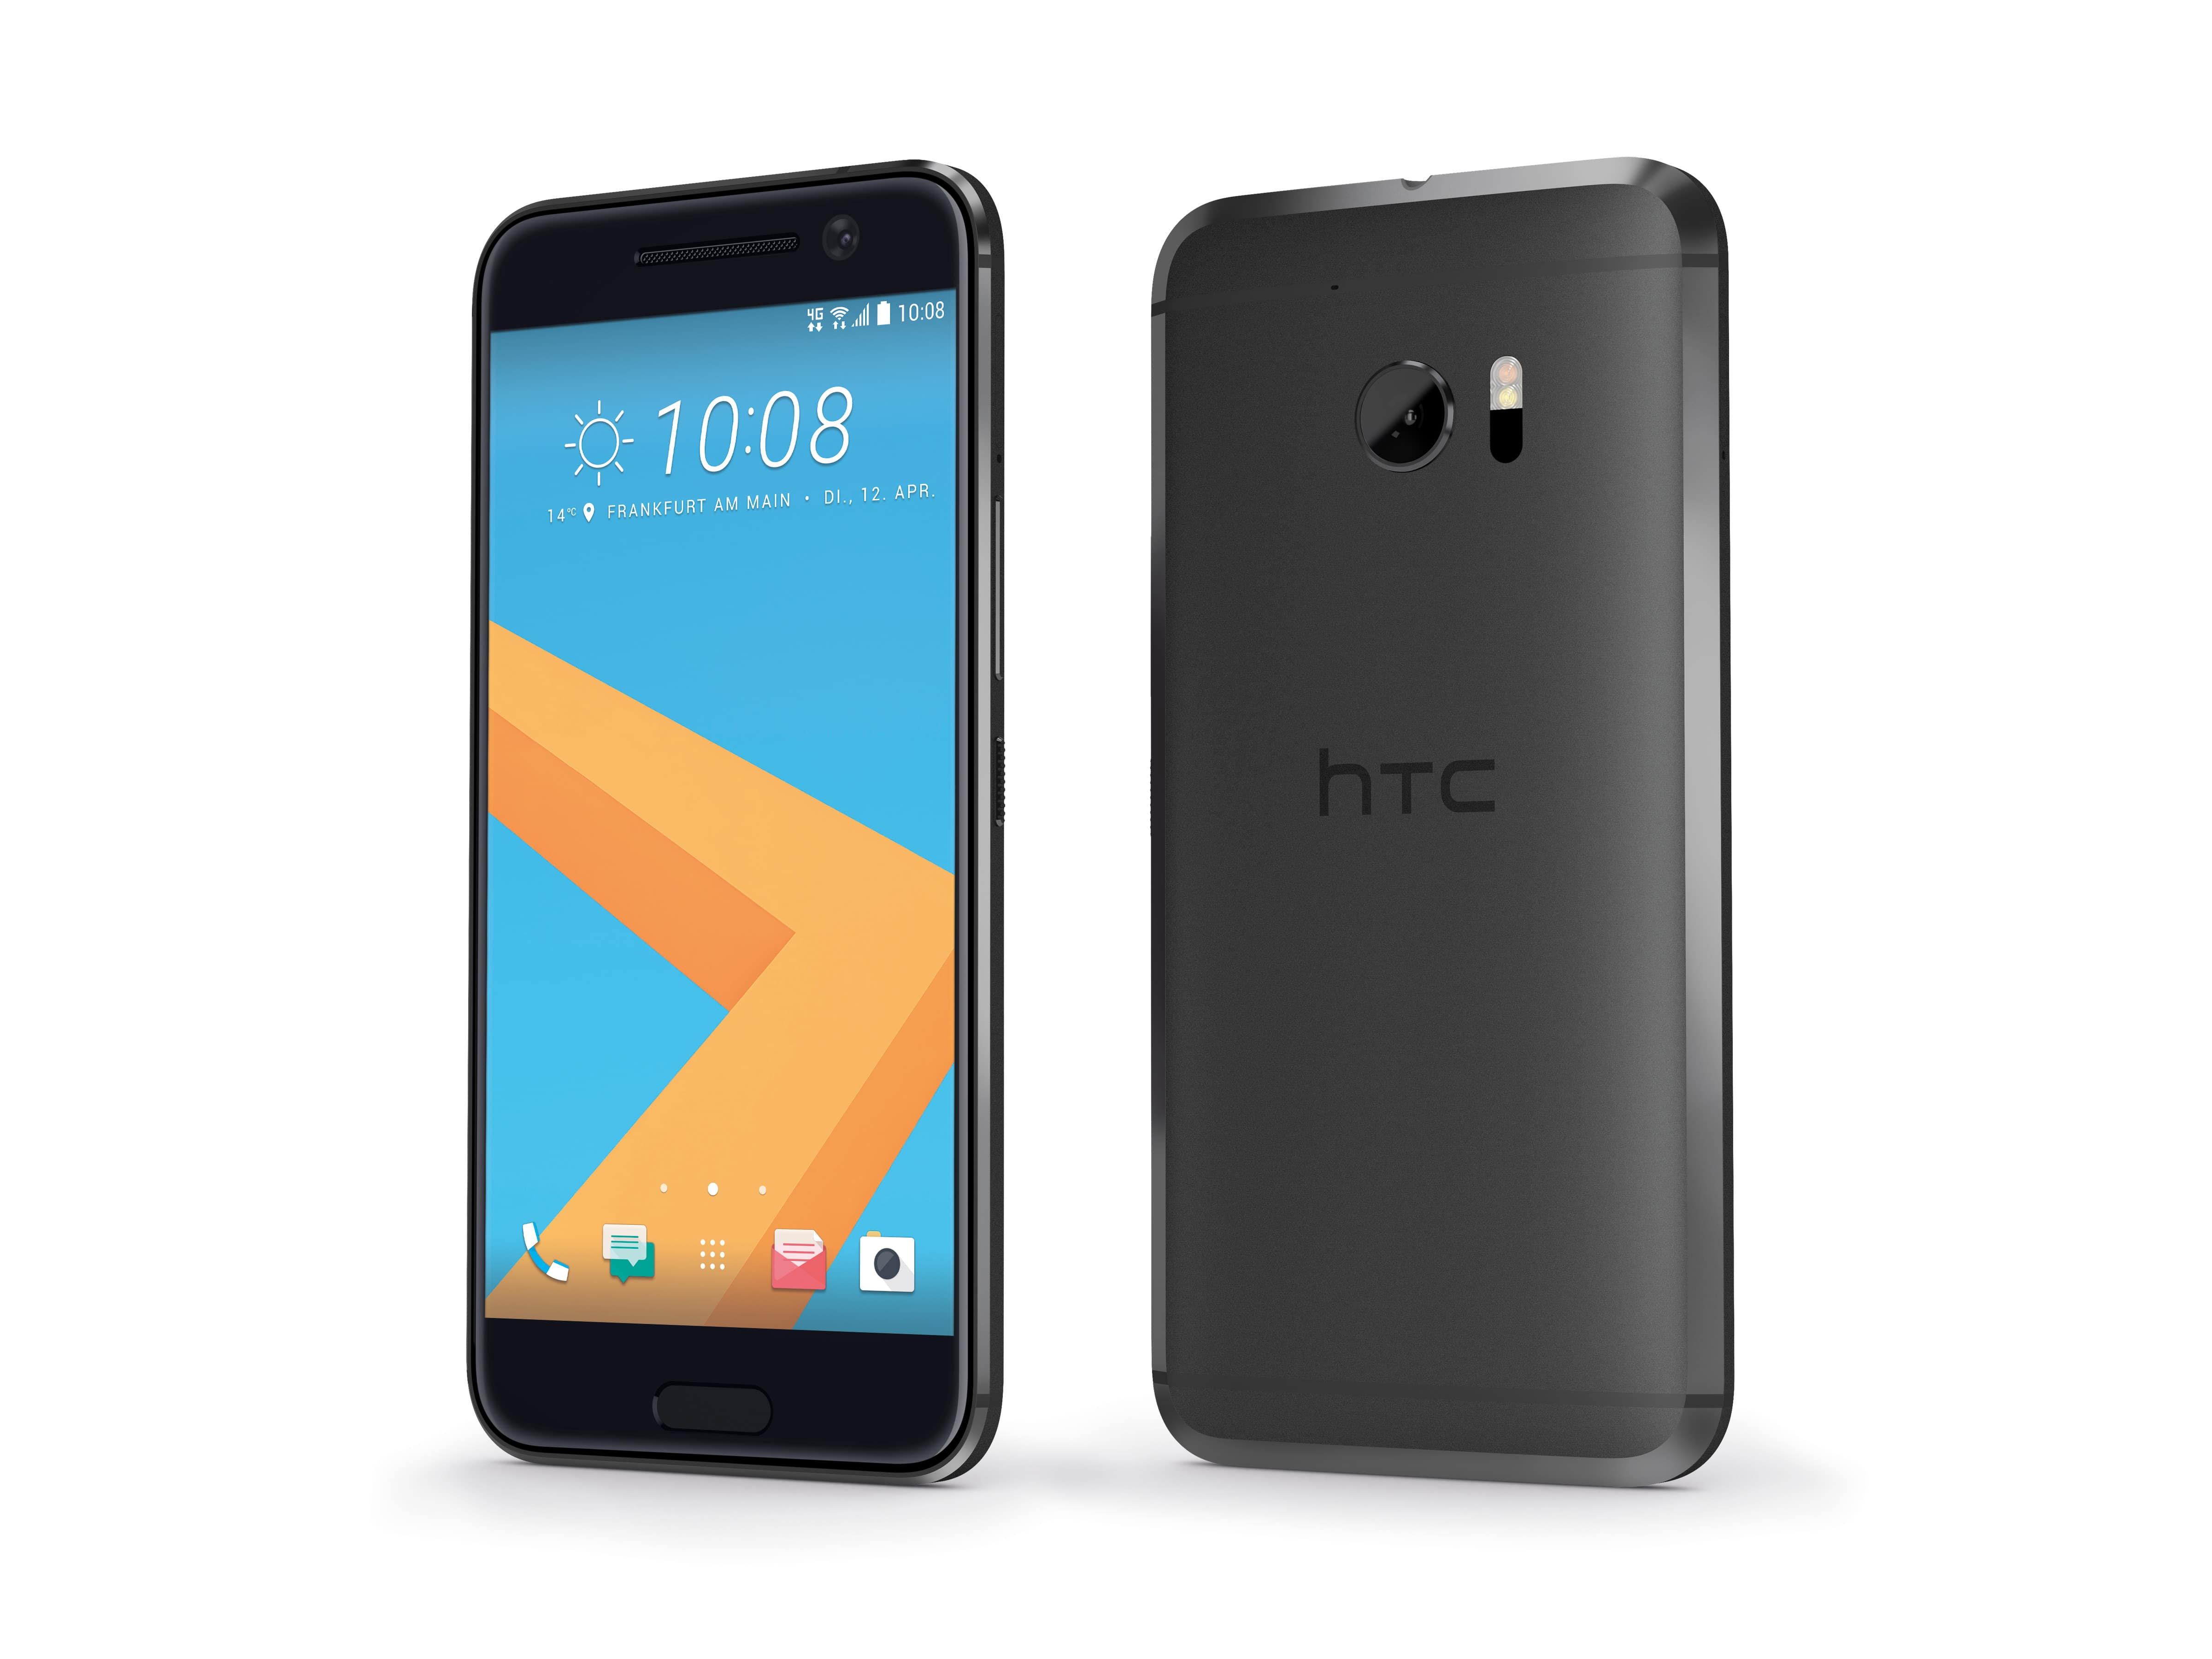 So sieht das HTC 10 aus htc 10 HTC 10 enthüllt – das Flaggschiff mit Potential So sieht das HTC 10 aus